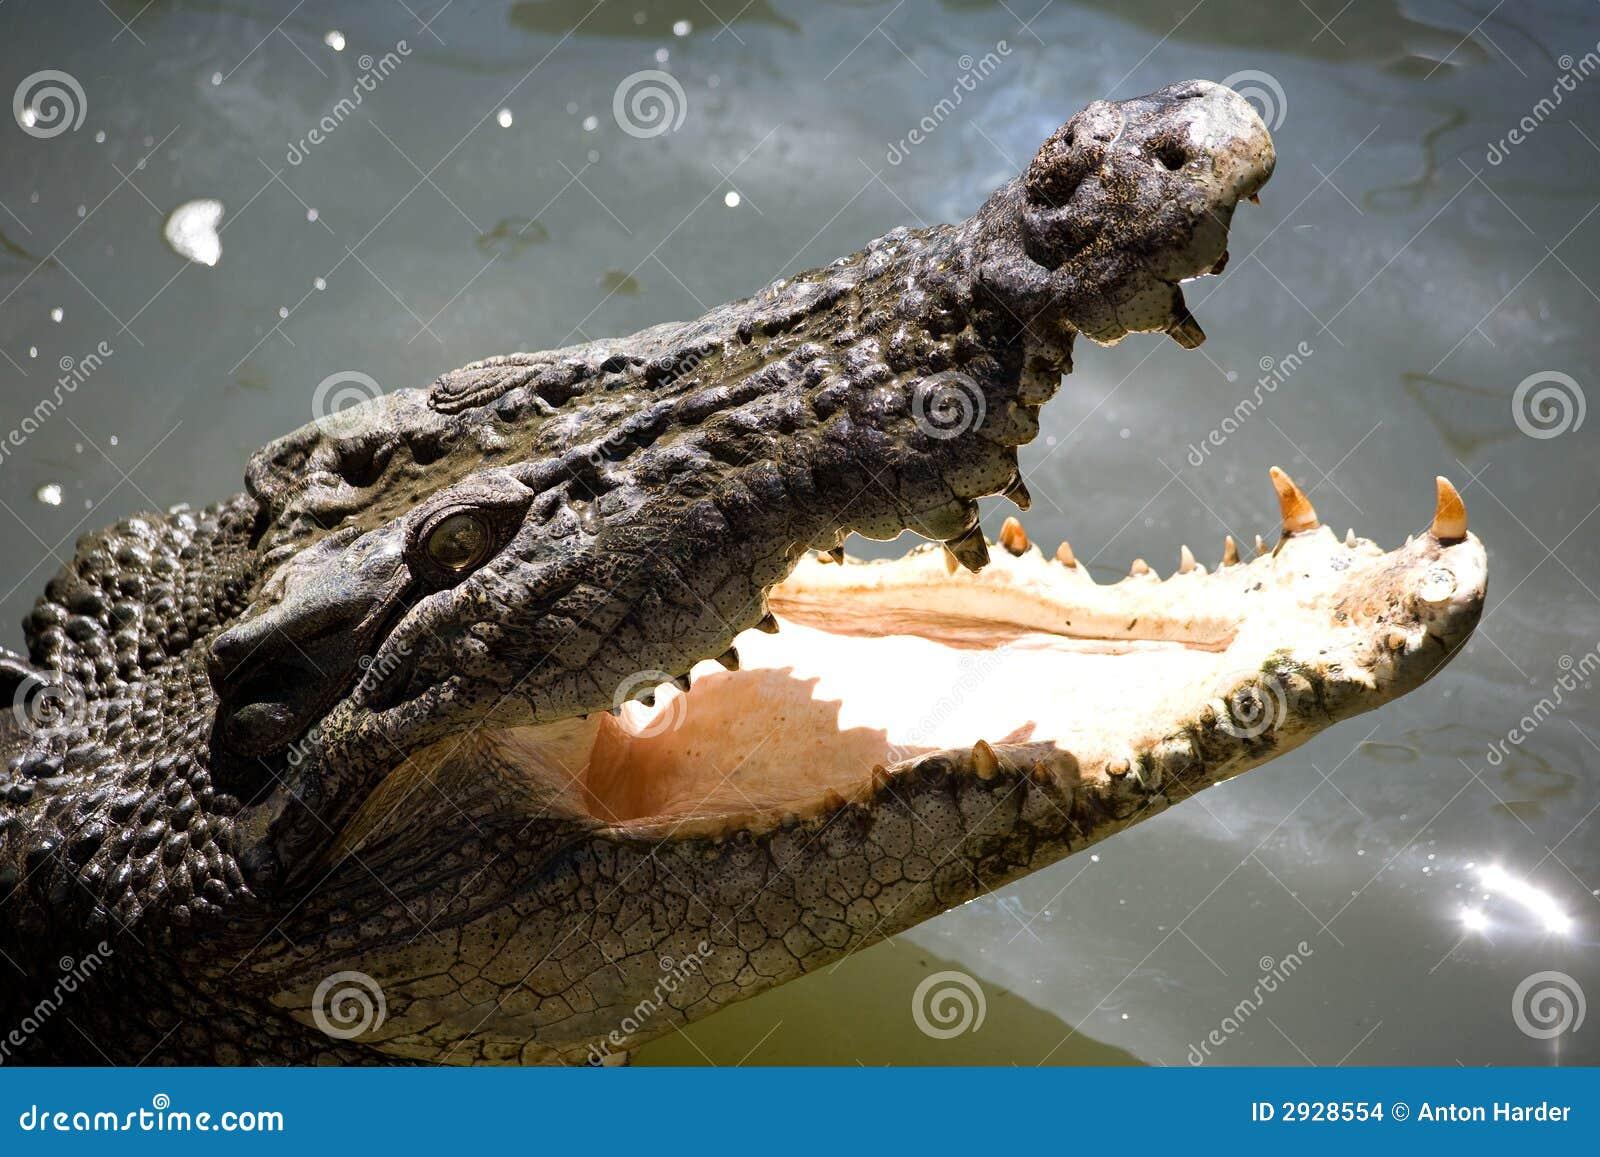 大鳄鱼嘴盐水